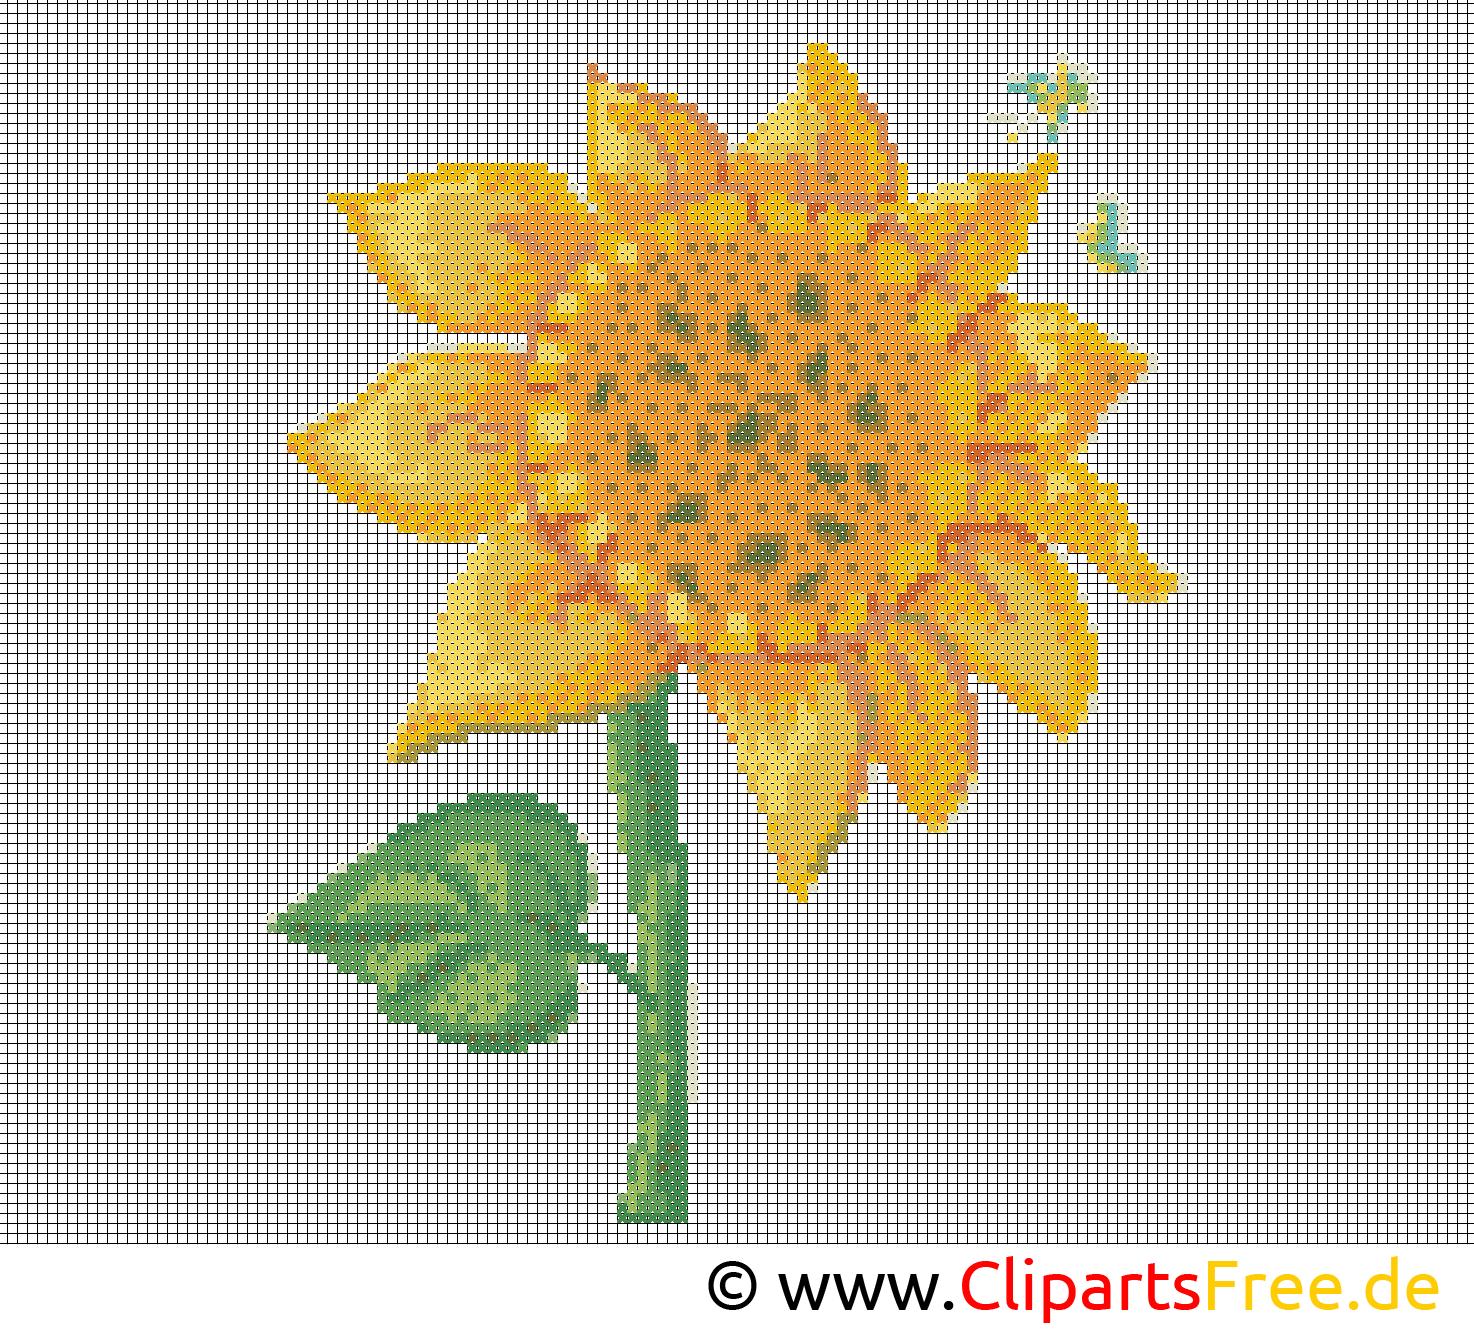 Stickvorlage Sonnenblume - Stickbilder Vorlagen Zum Ausdrucken verwandt mit Stickbilder Vorlagen Kostenlos